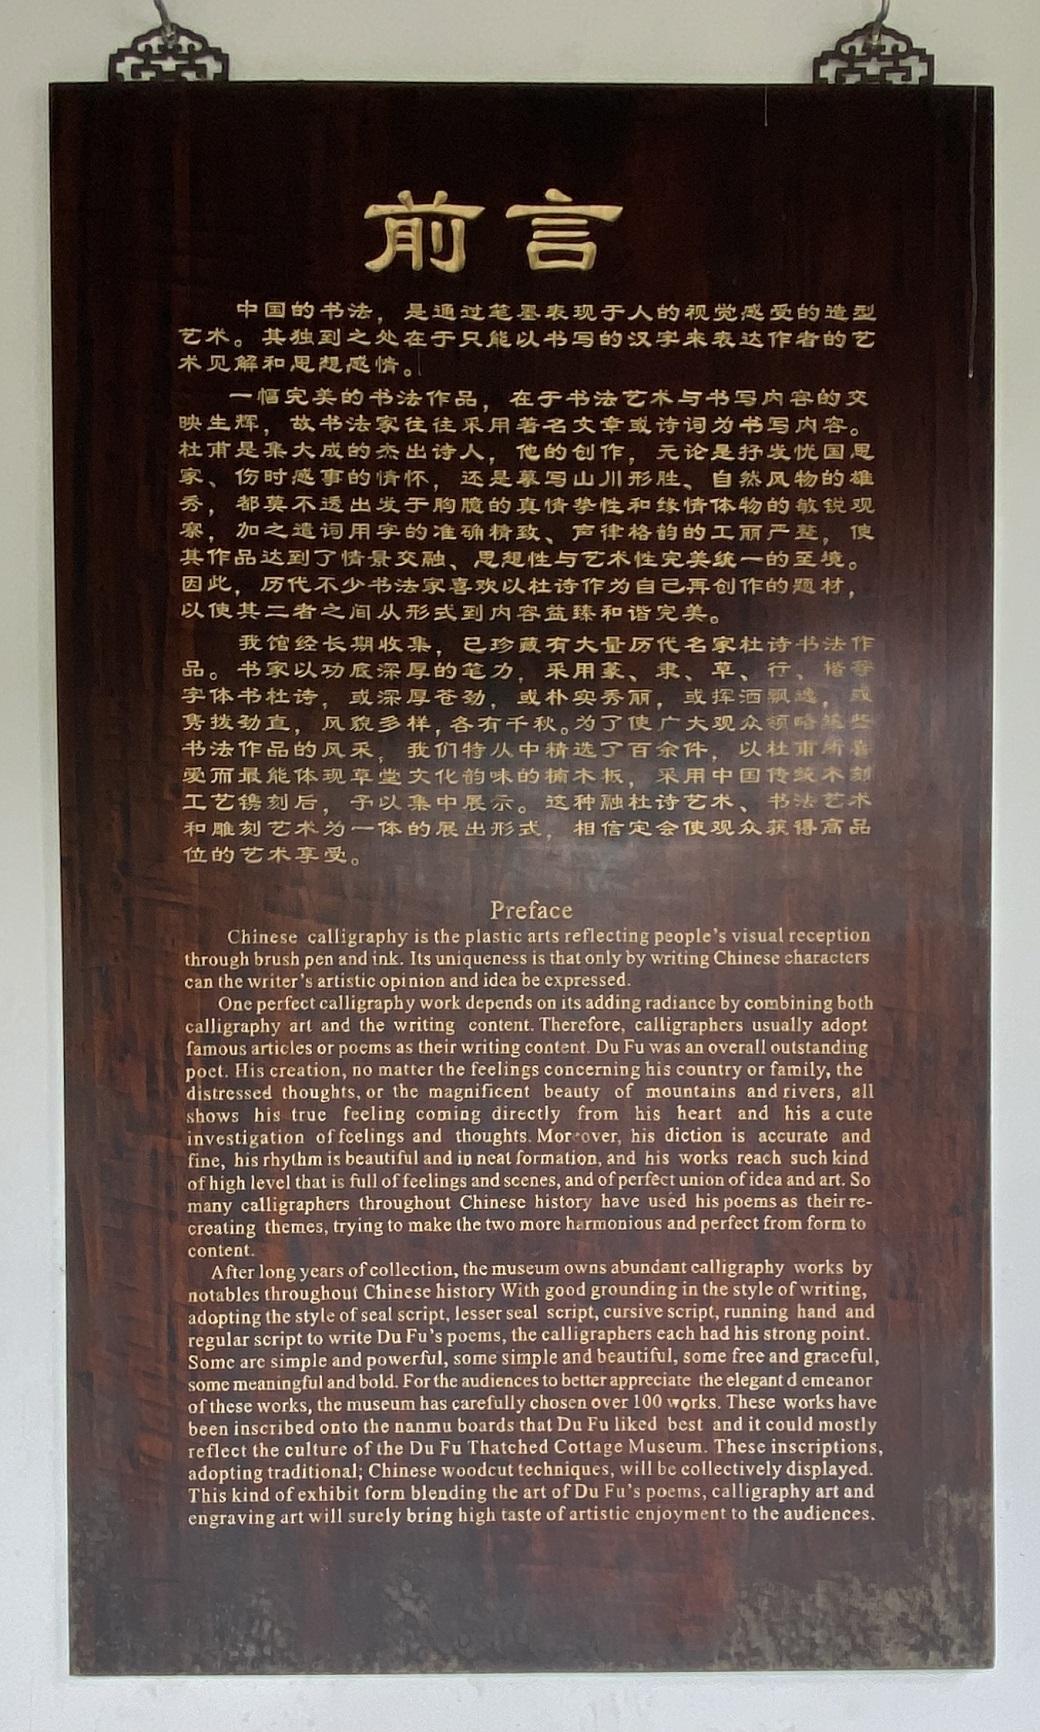 杜詩書法木刻廊-浣花溪公園-成都杜甫草堂博物館